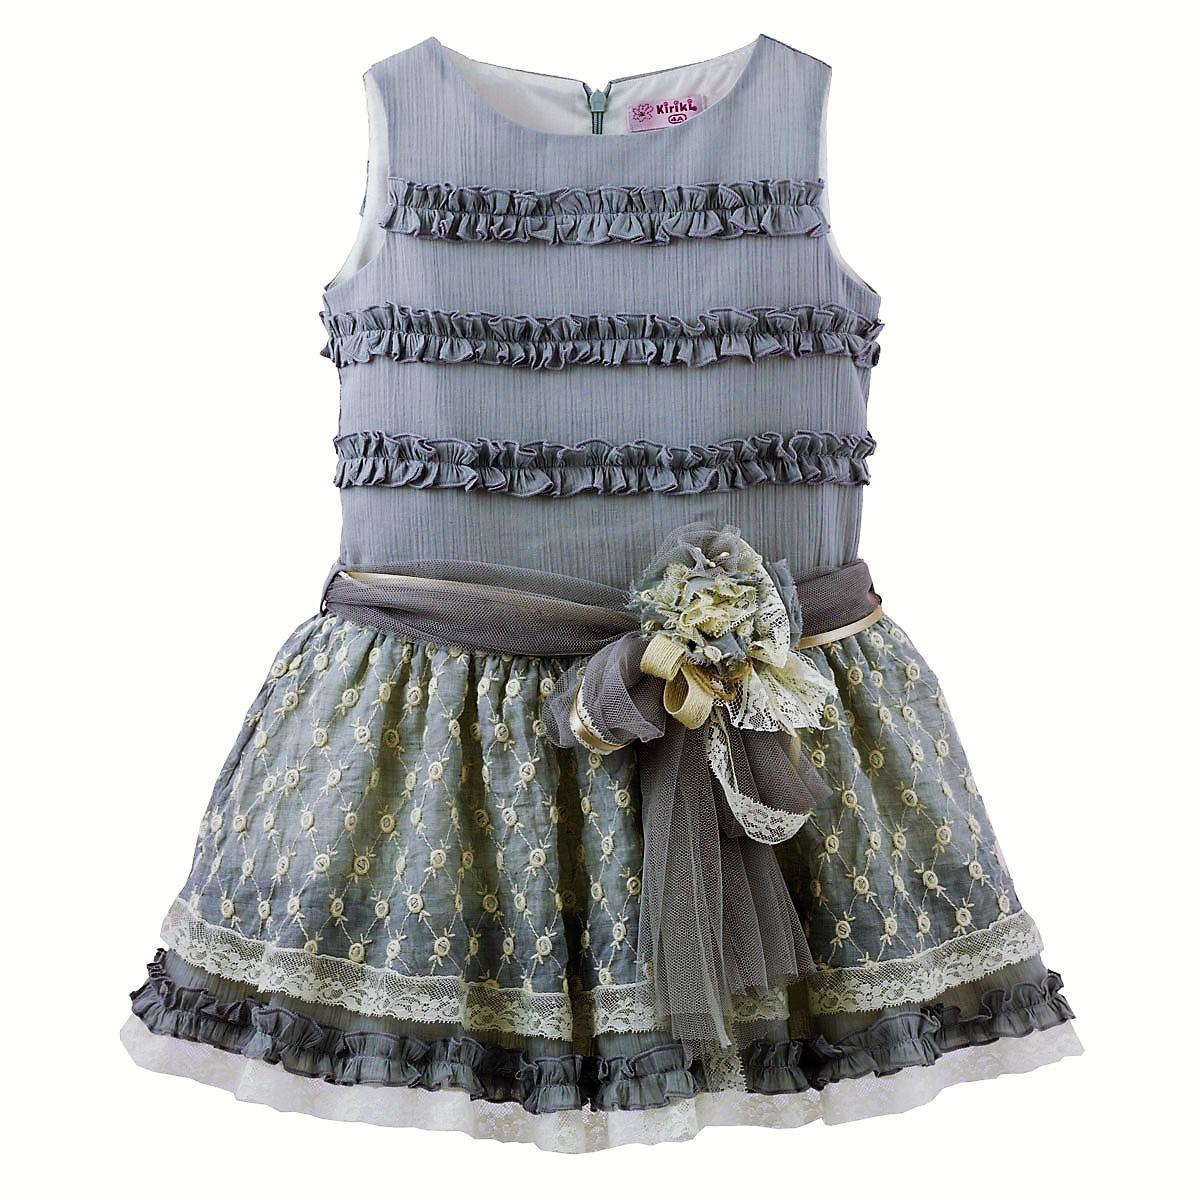 Vestido Kiriki Referencia 185053